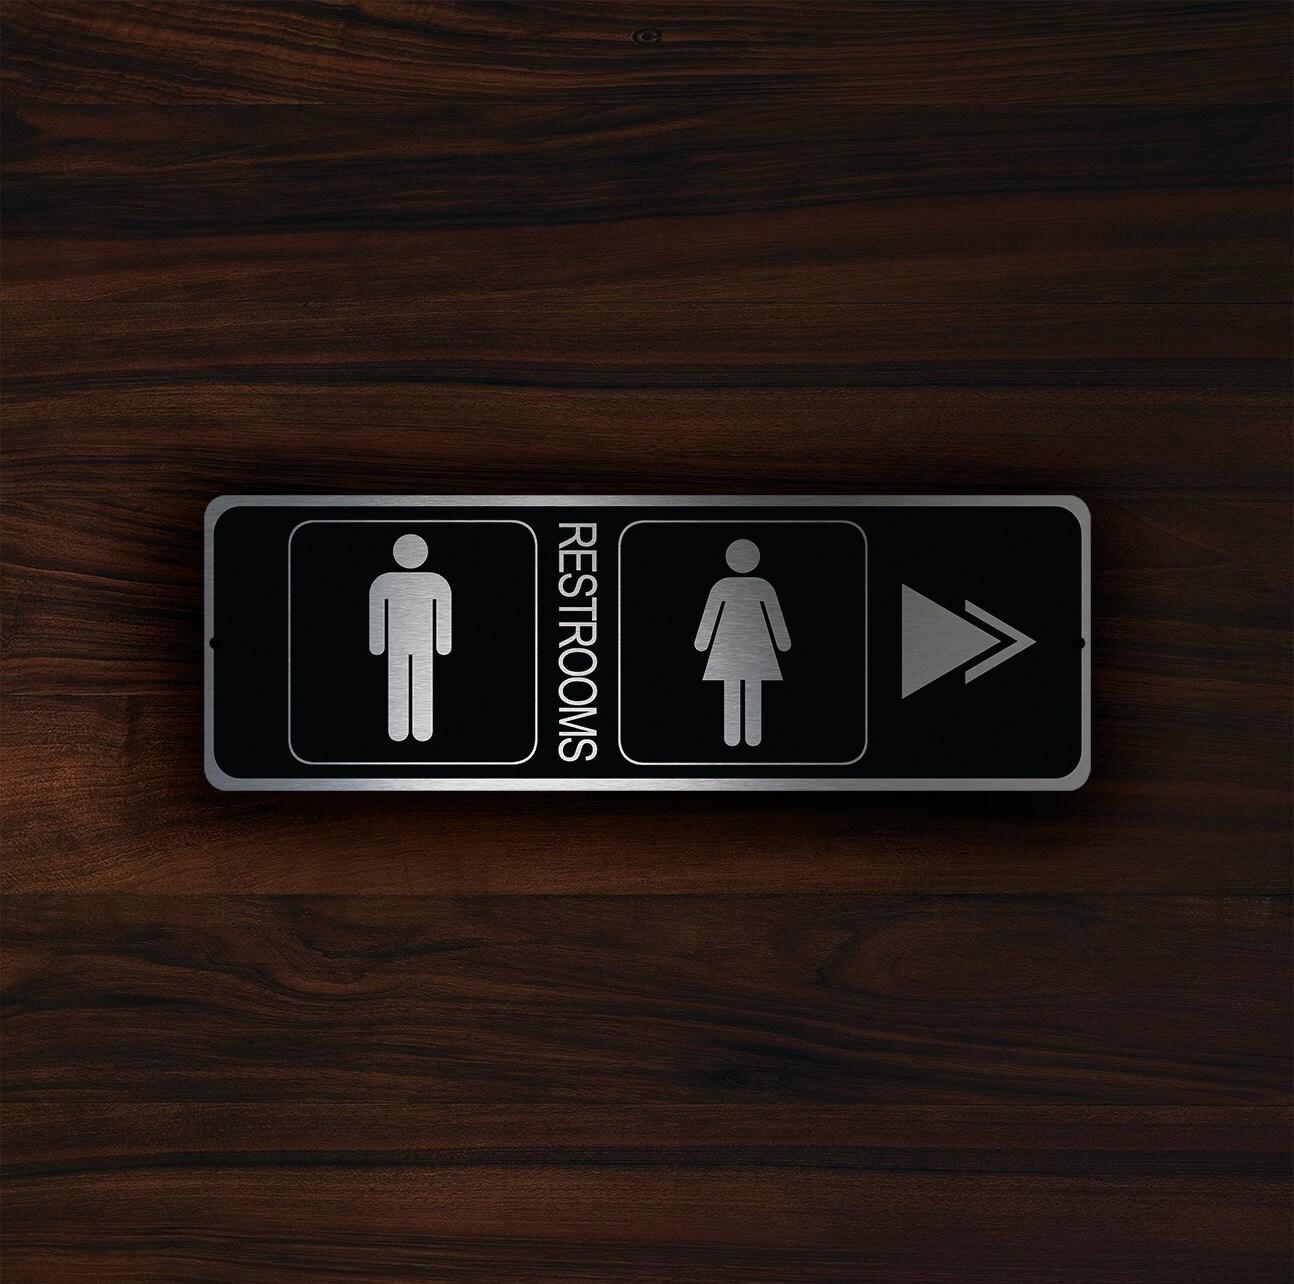 restroom directional sign. 🔎zoom Restroom Directional Sign